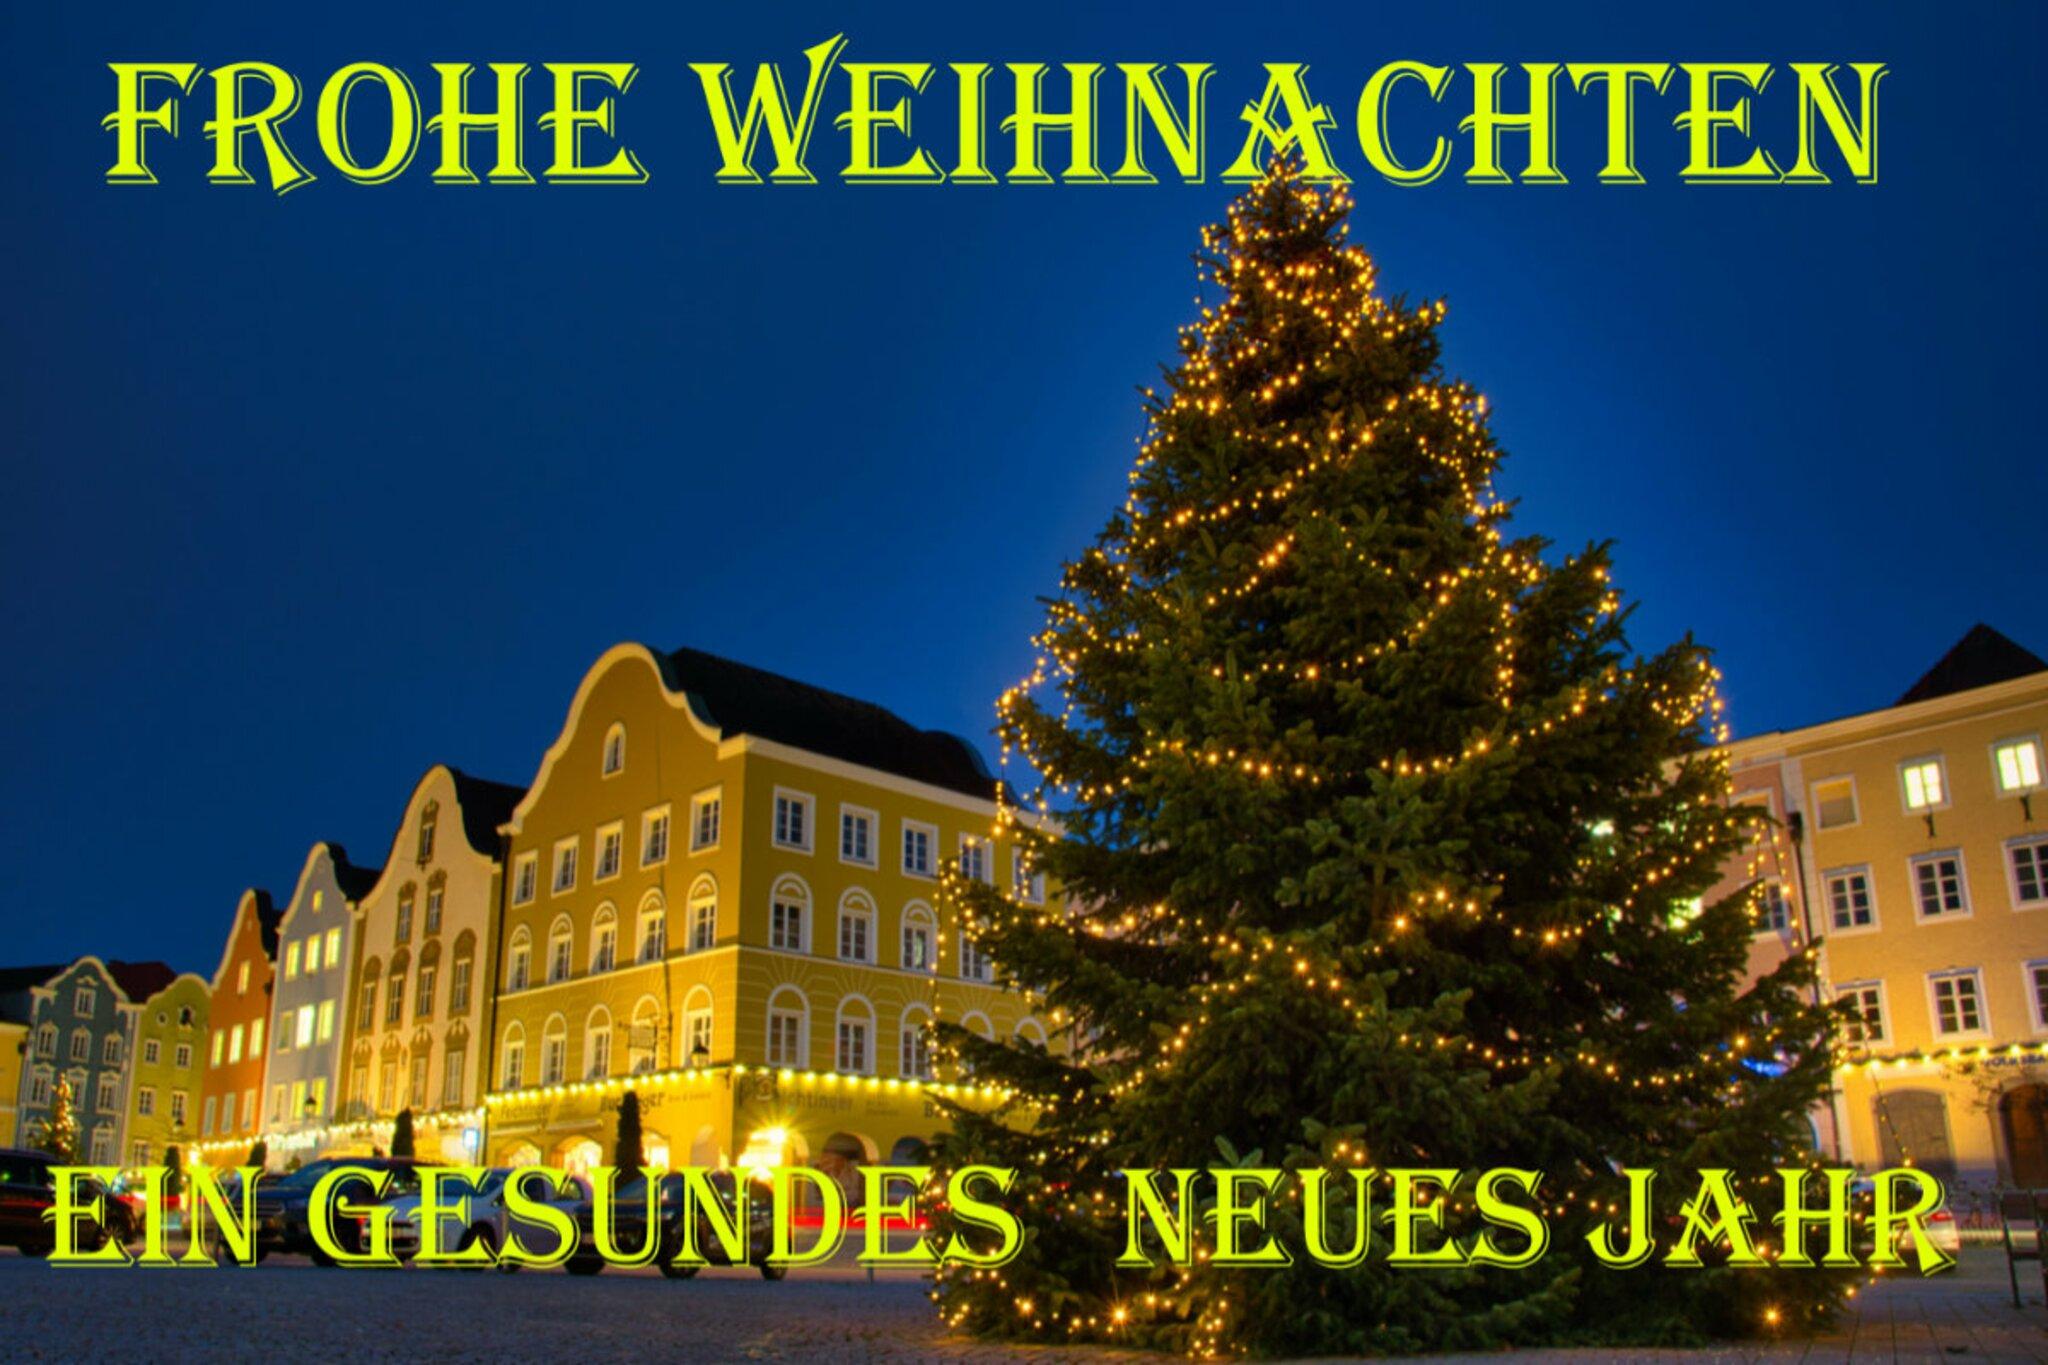 gewinnspiel weihnachten 2021 österreich